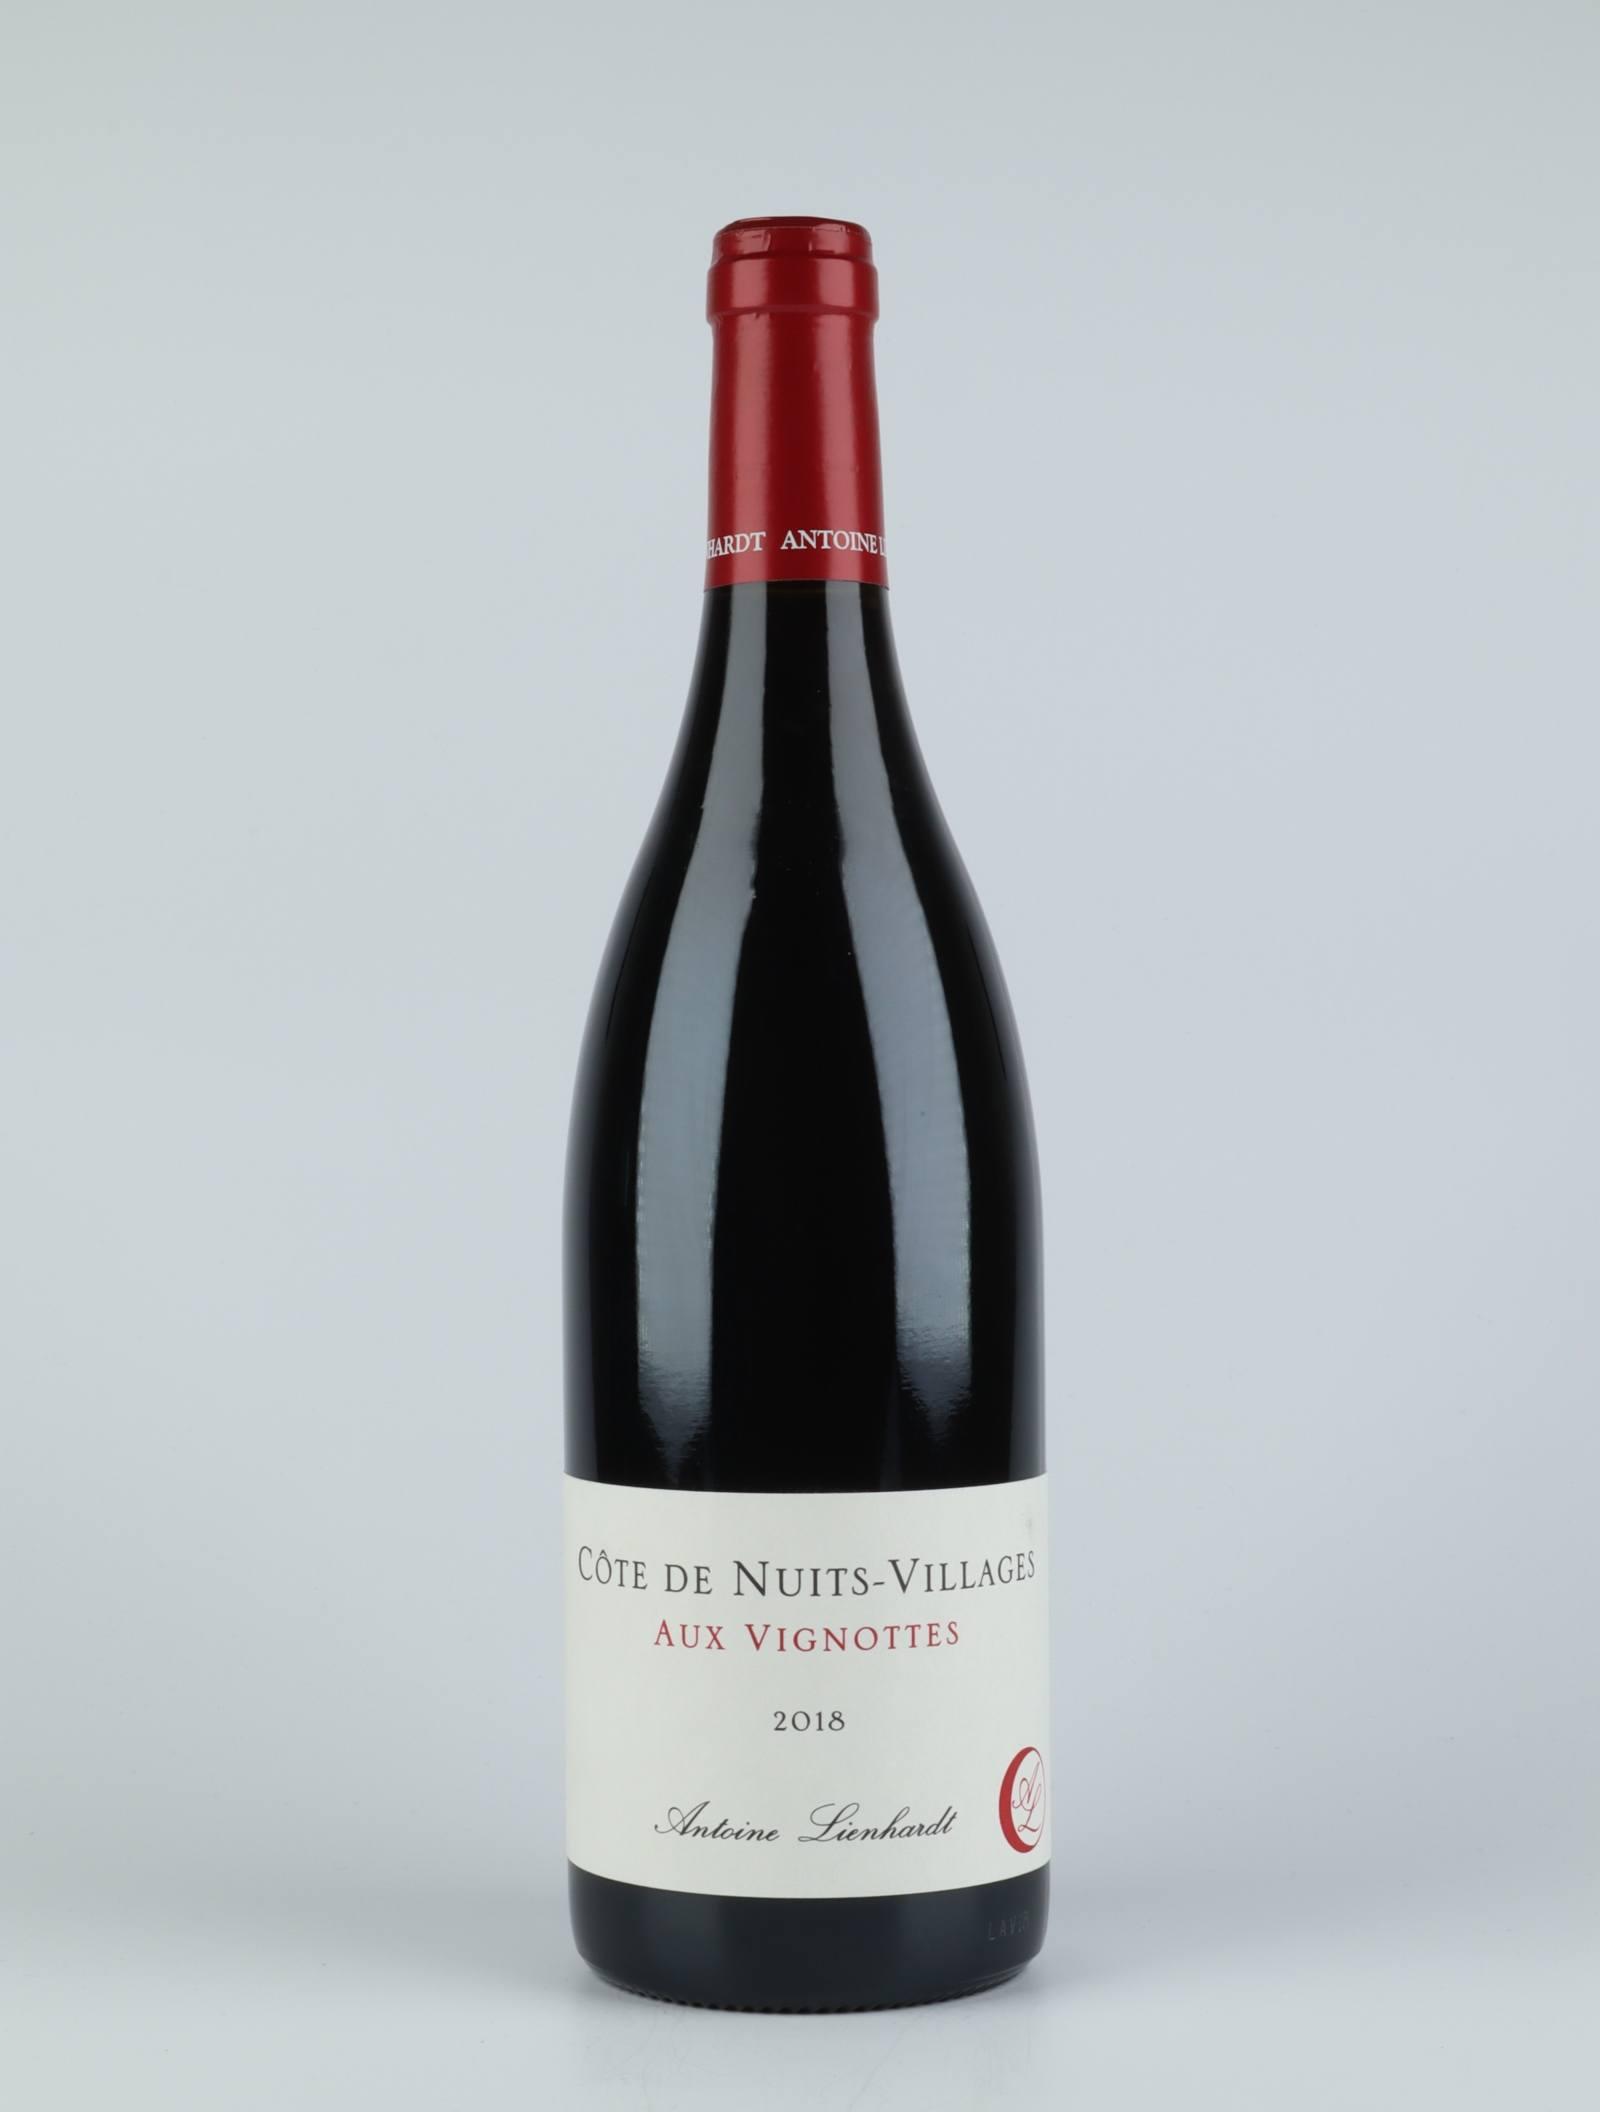 Côte de Nuits Villages - Aux Vignottes